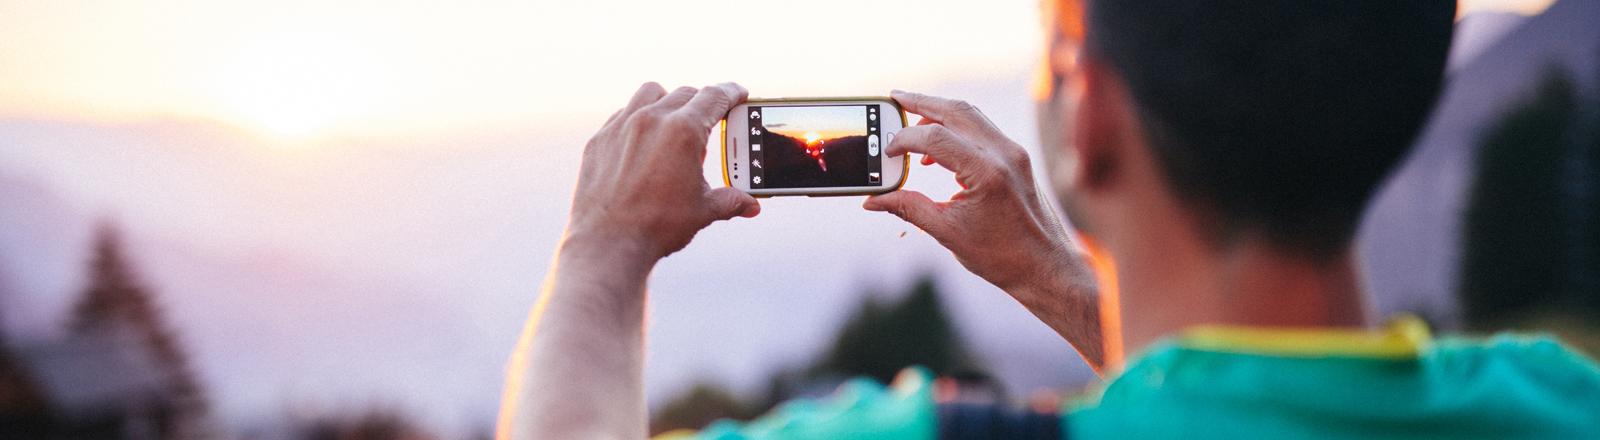 Mann, der ein Photo mit dem Handy macht.